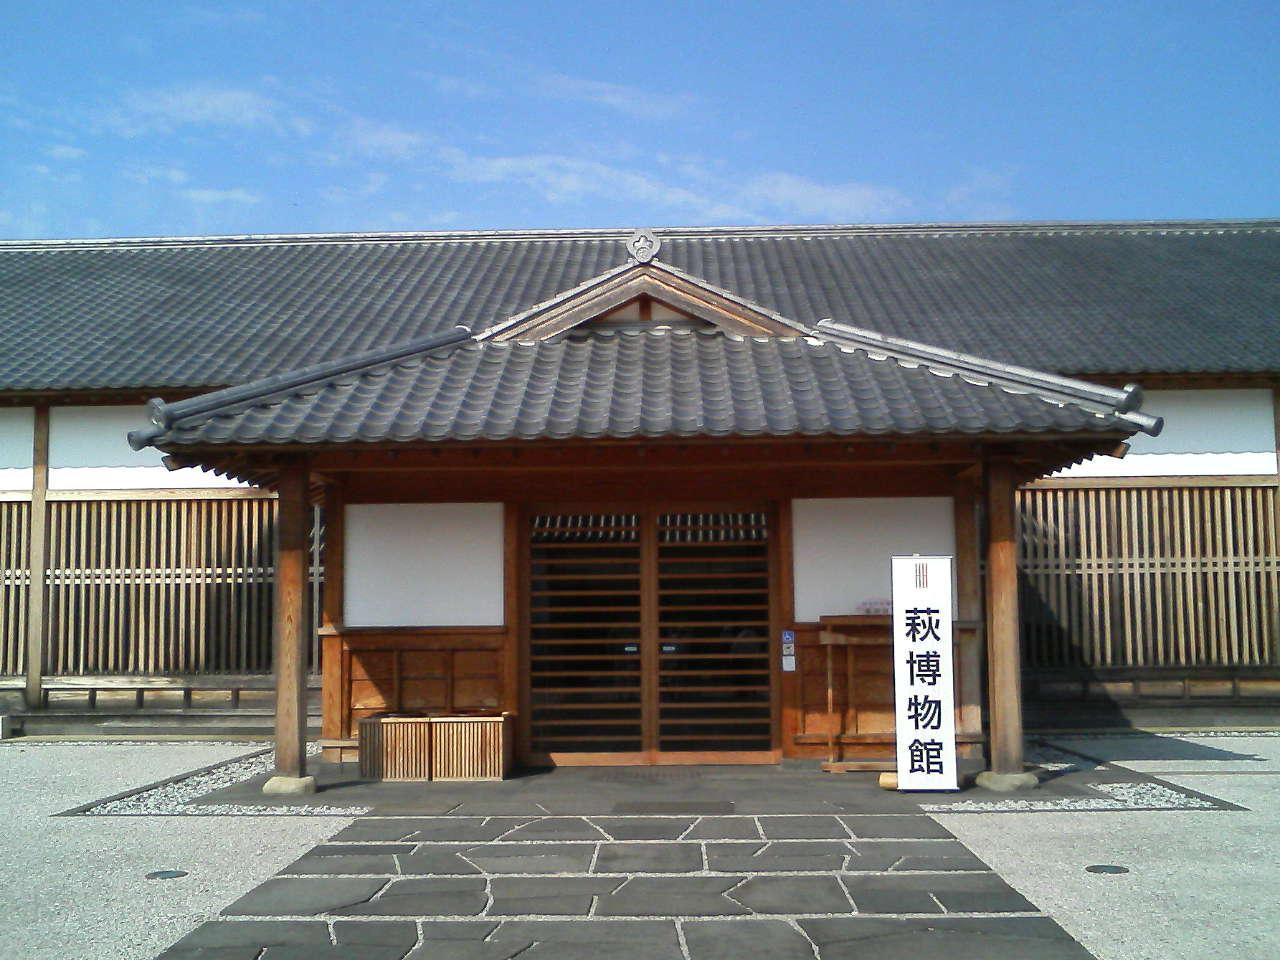 萩博物館はイベントたくさん!割引料金でお得に!アクセス・駐車場・展示物は?